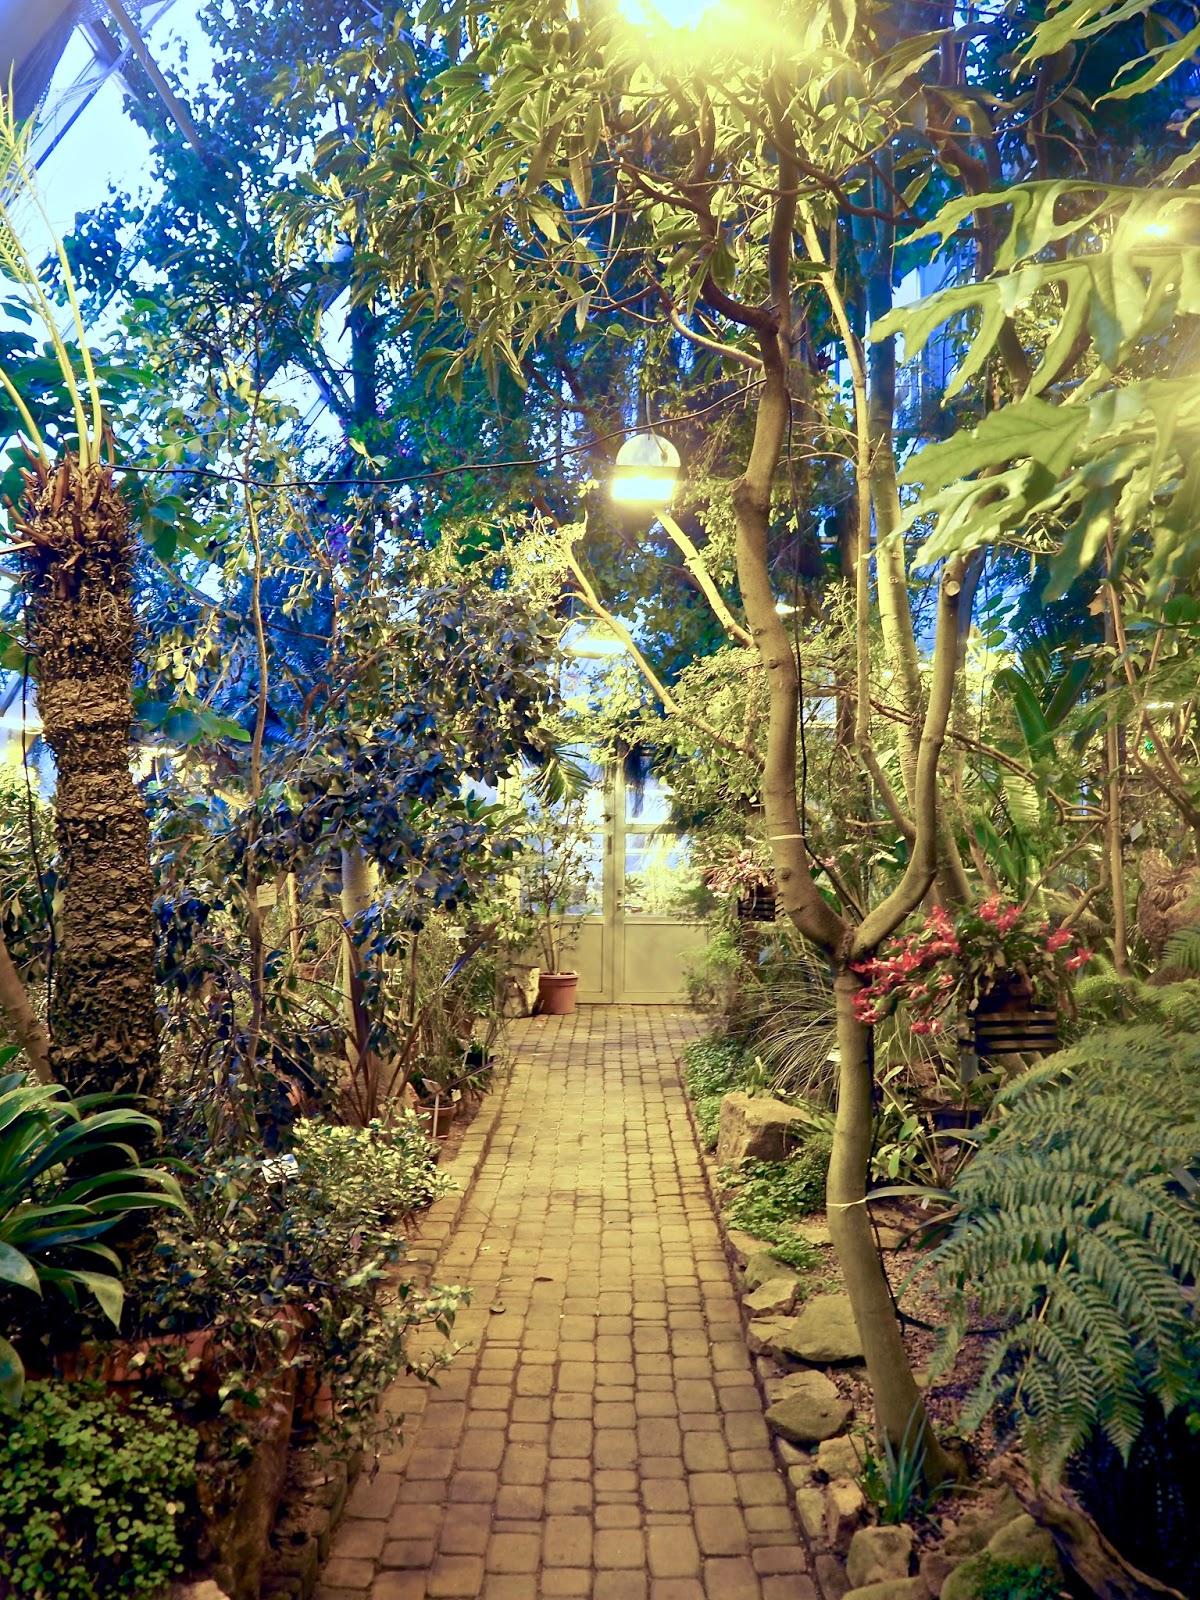 Valo, lämpö ja rauha - niitä kaikkia on tarjolla Turun yliopiston kasvitieteellisessä puutarhassa.